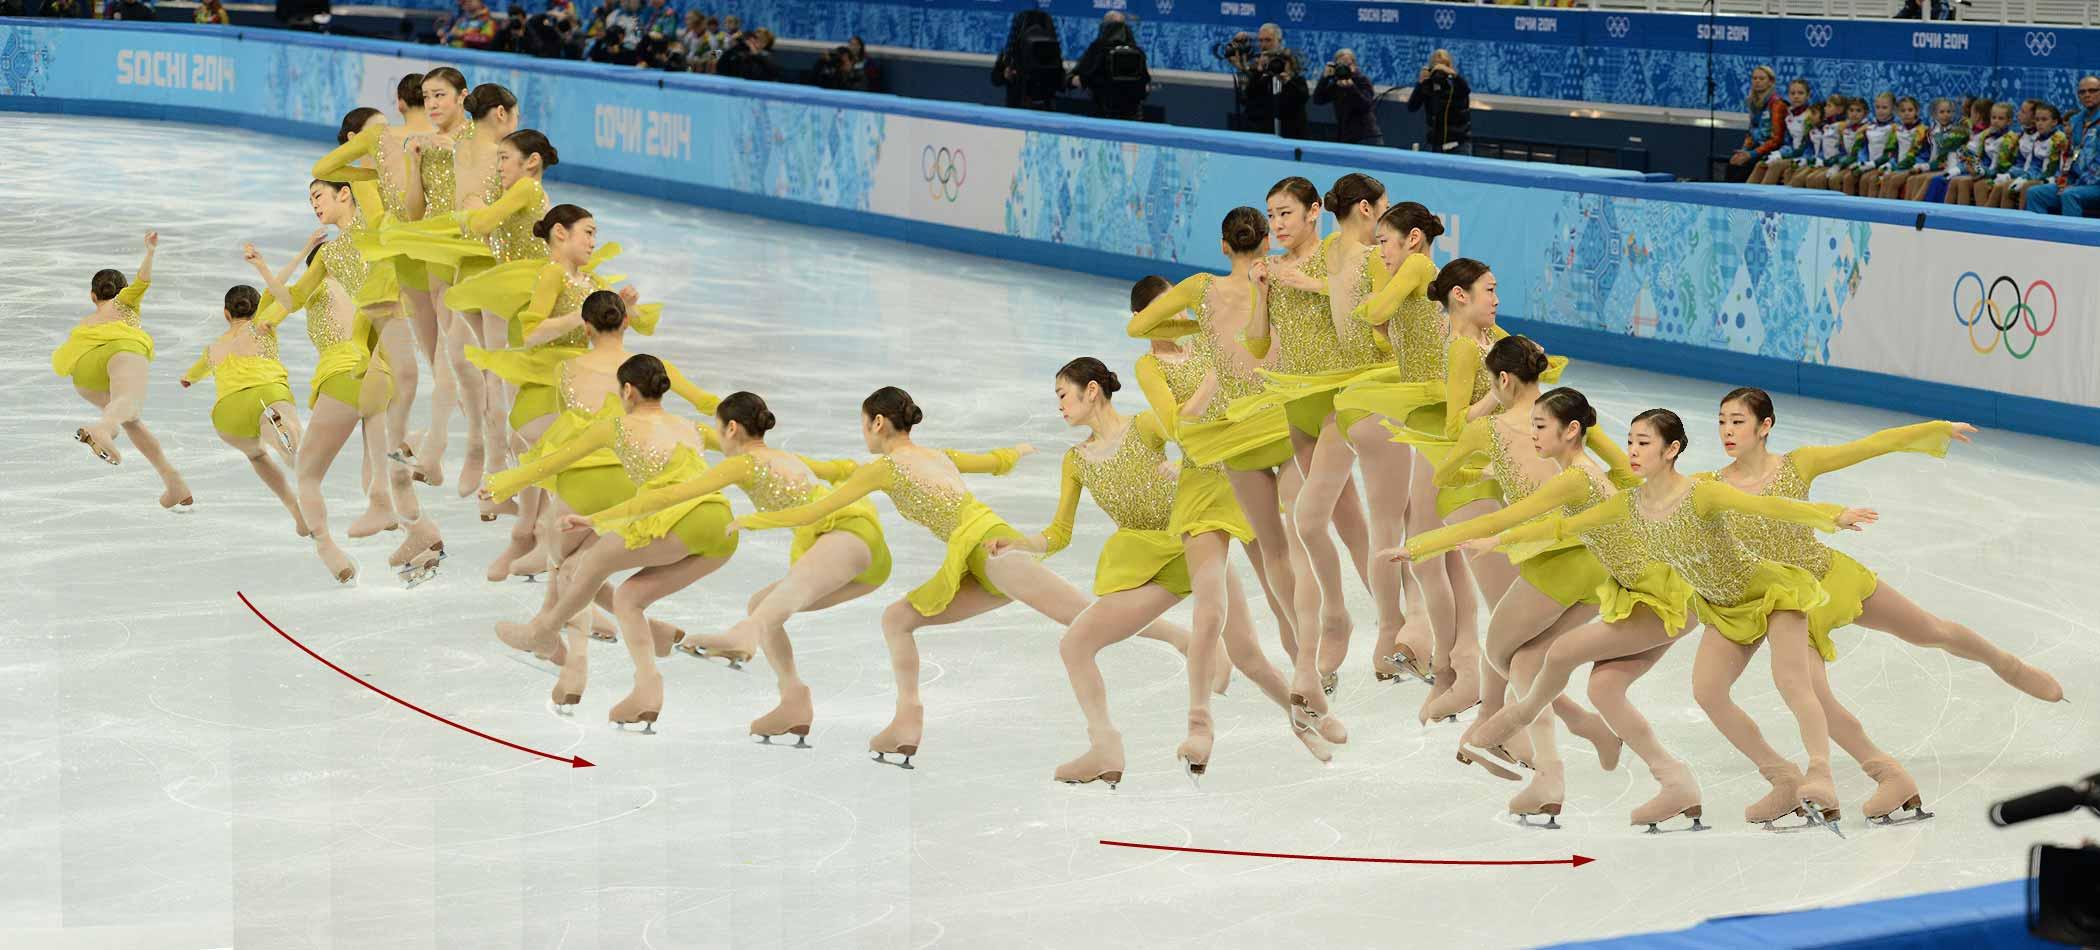 Adelina Sotnikova Olympics